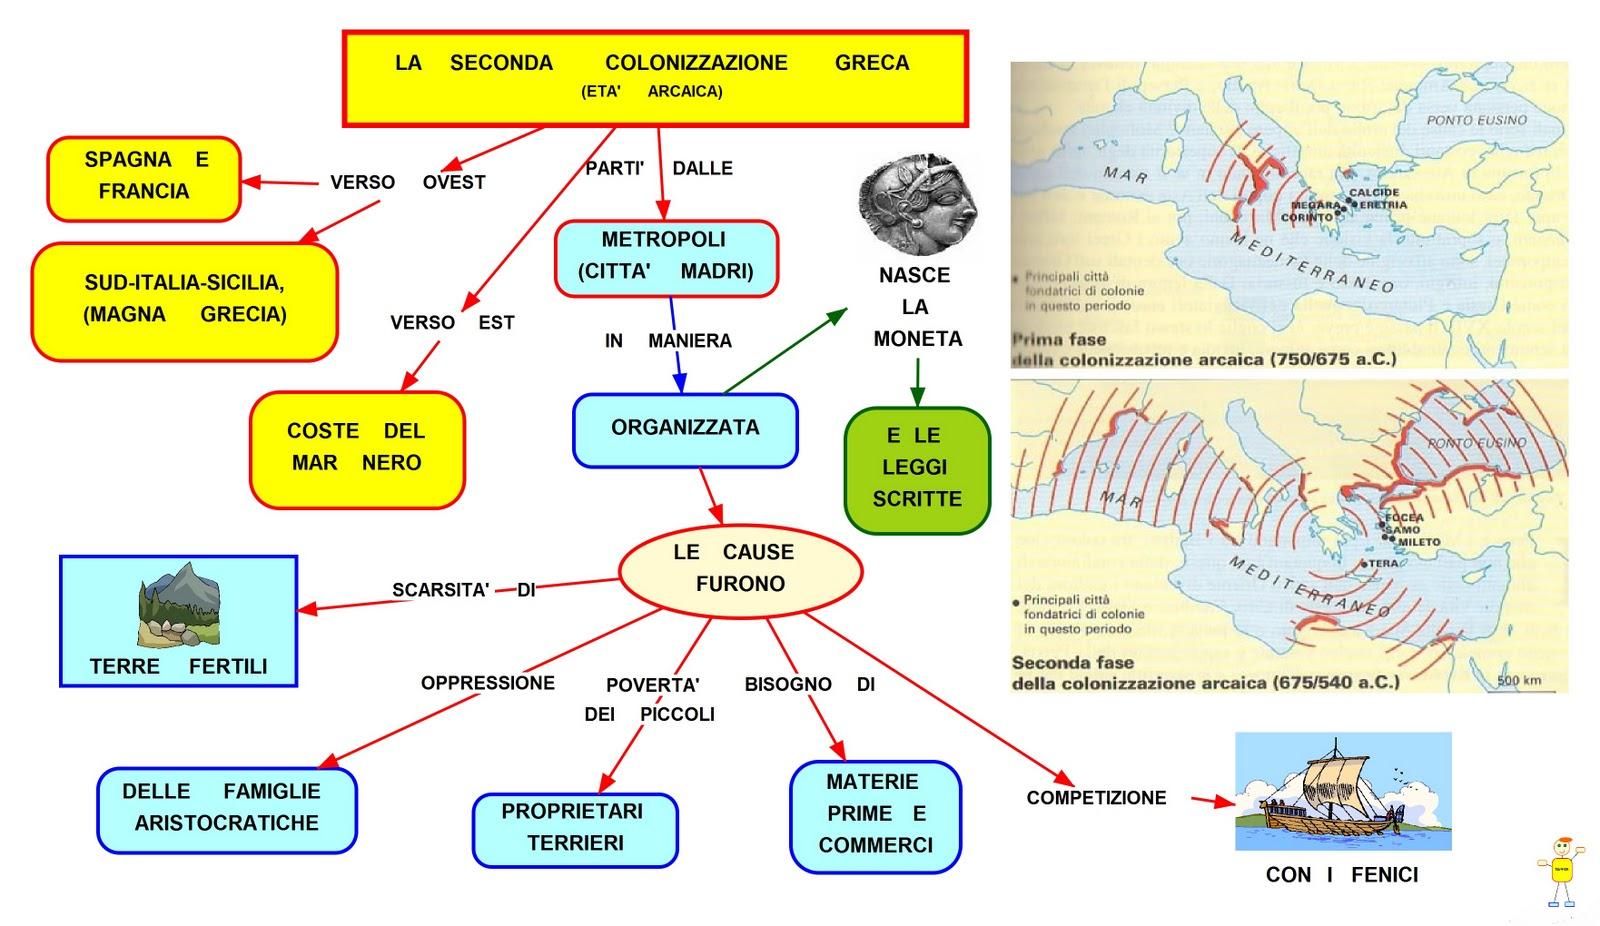 Mappa concettuale colonizzazione greca for Metropoli in italia